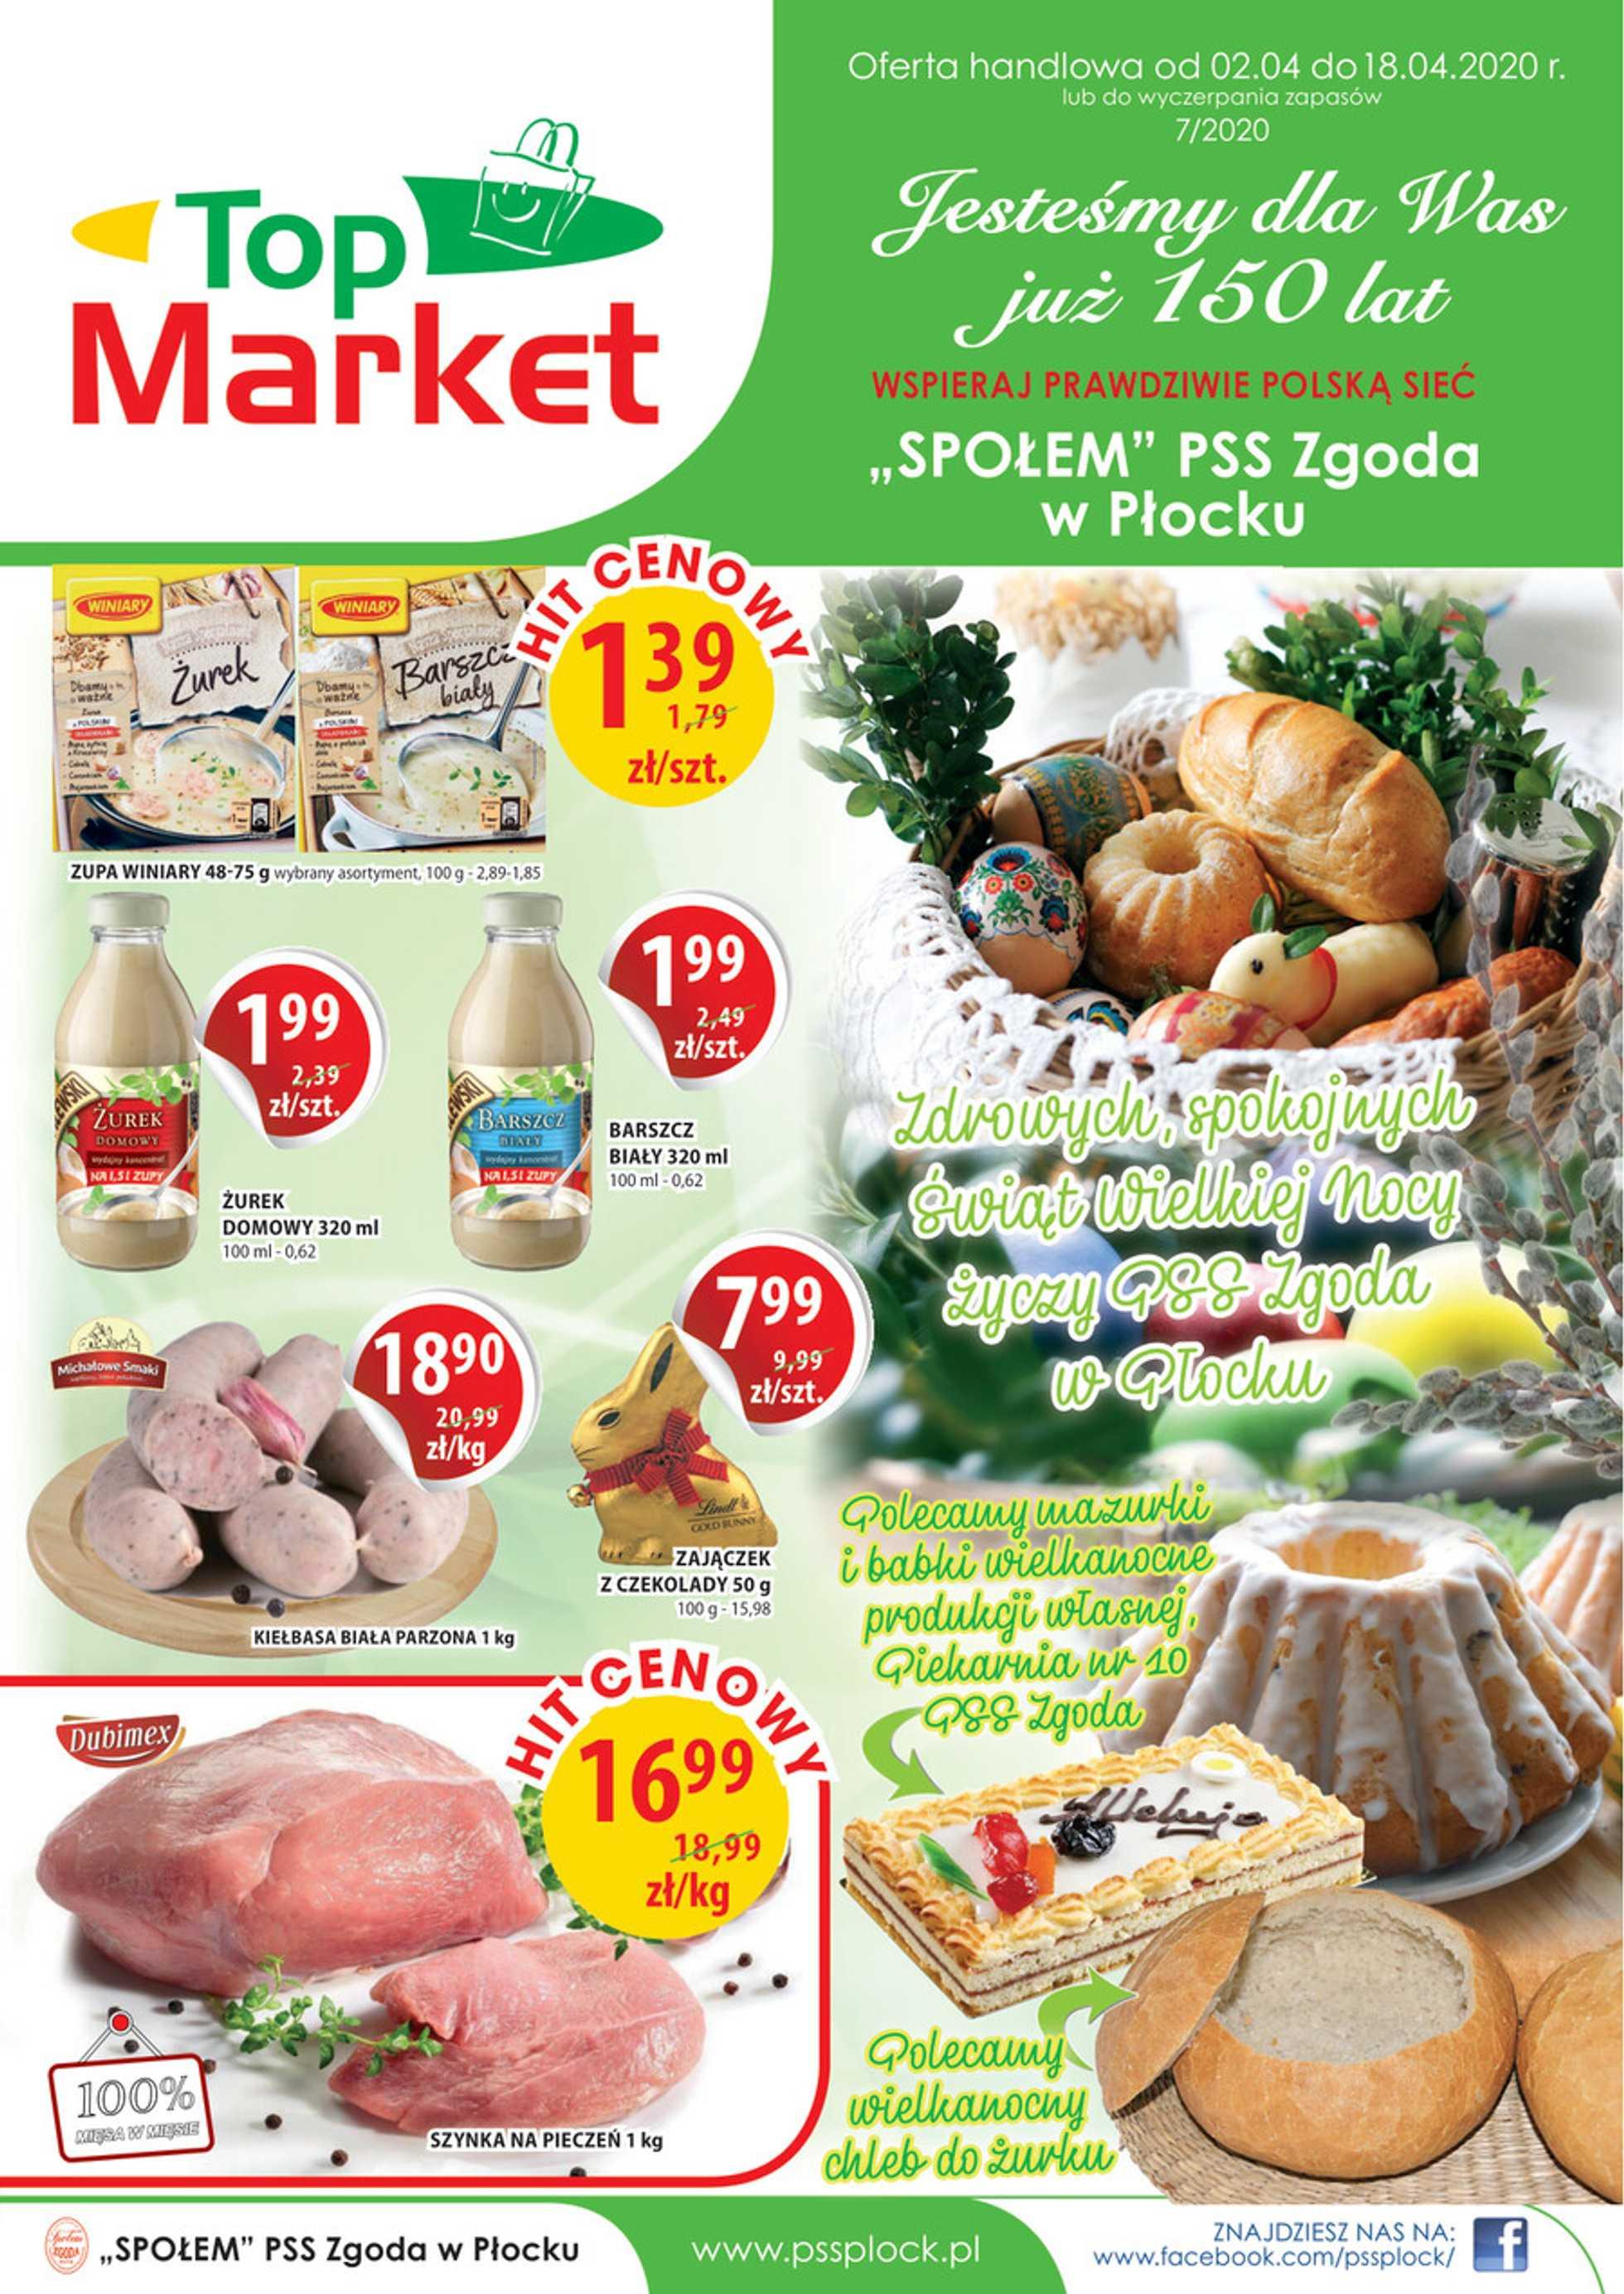 Top Market - gazetka promocyjna ważna od 02.04.2020 do 18.04.2020 - strona 1.